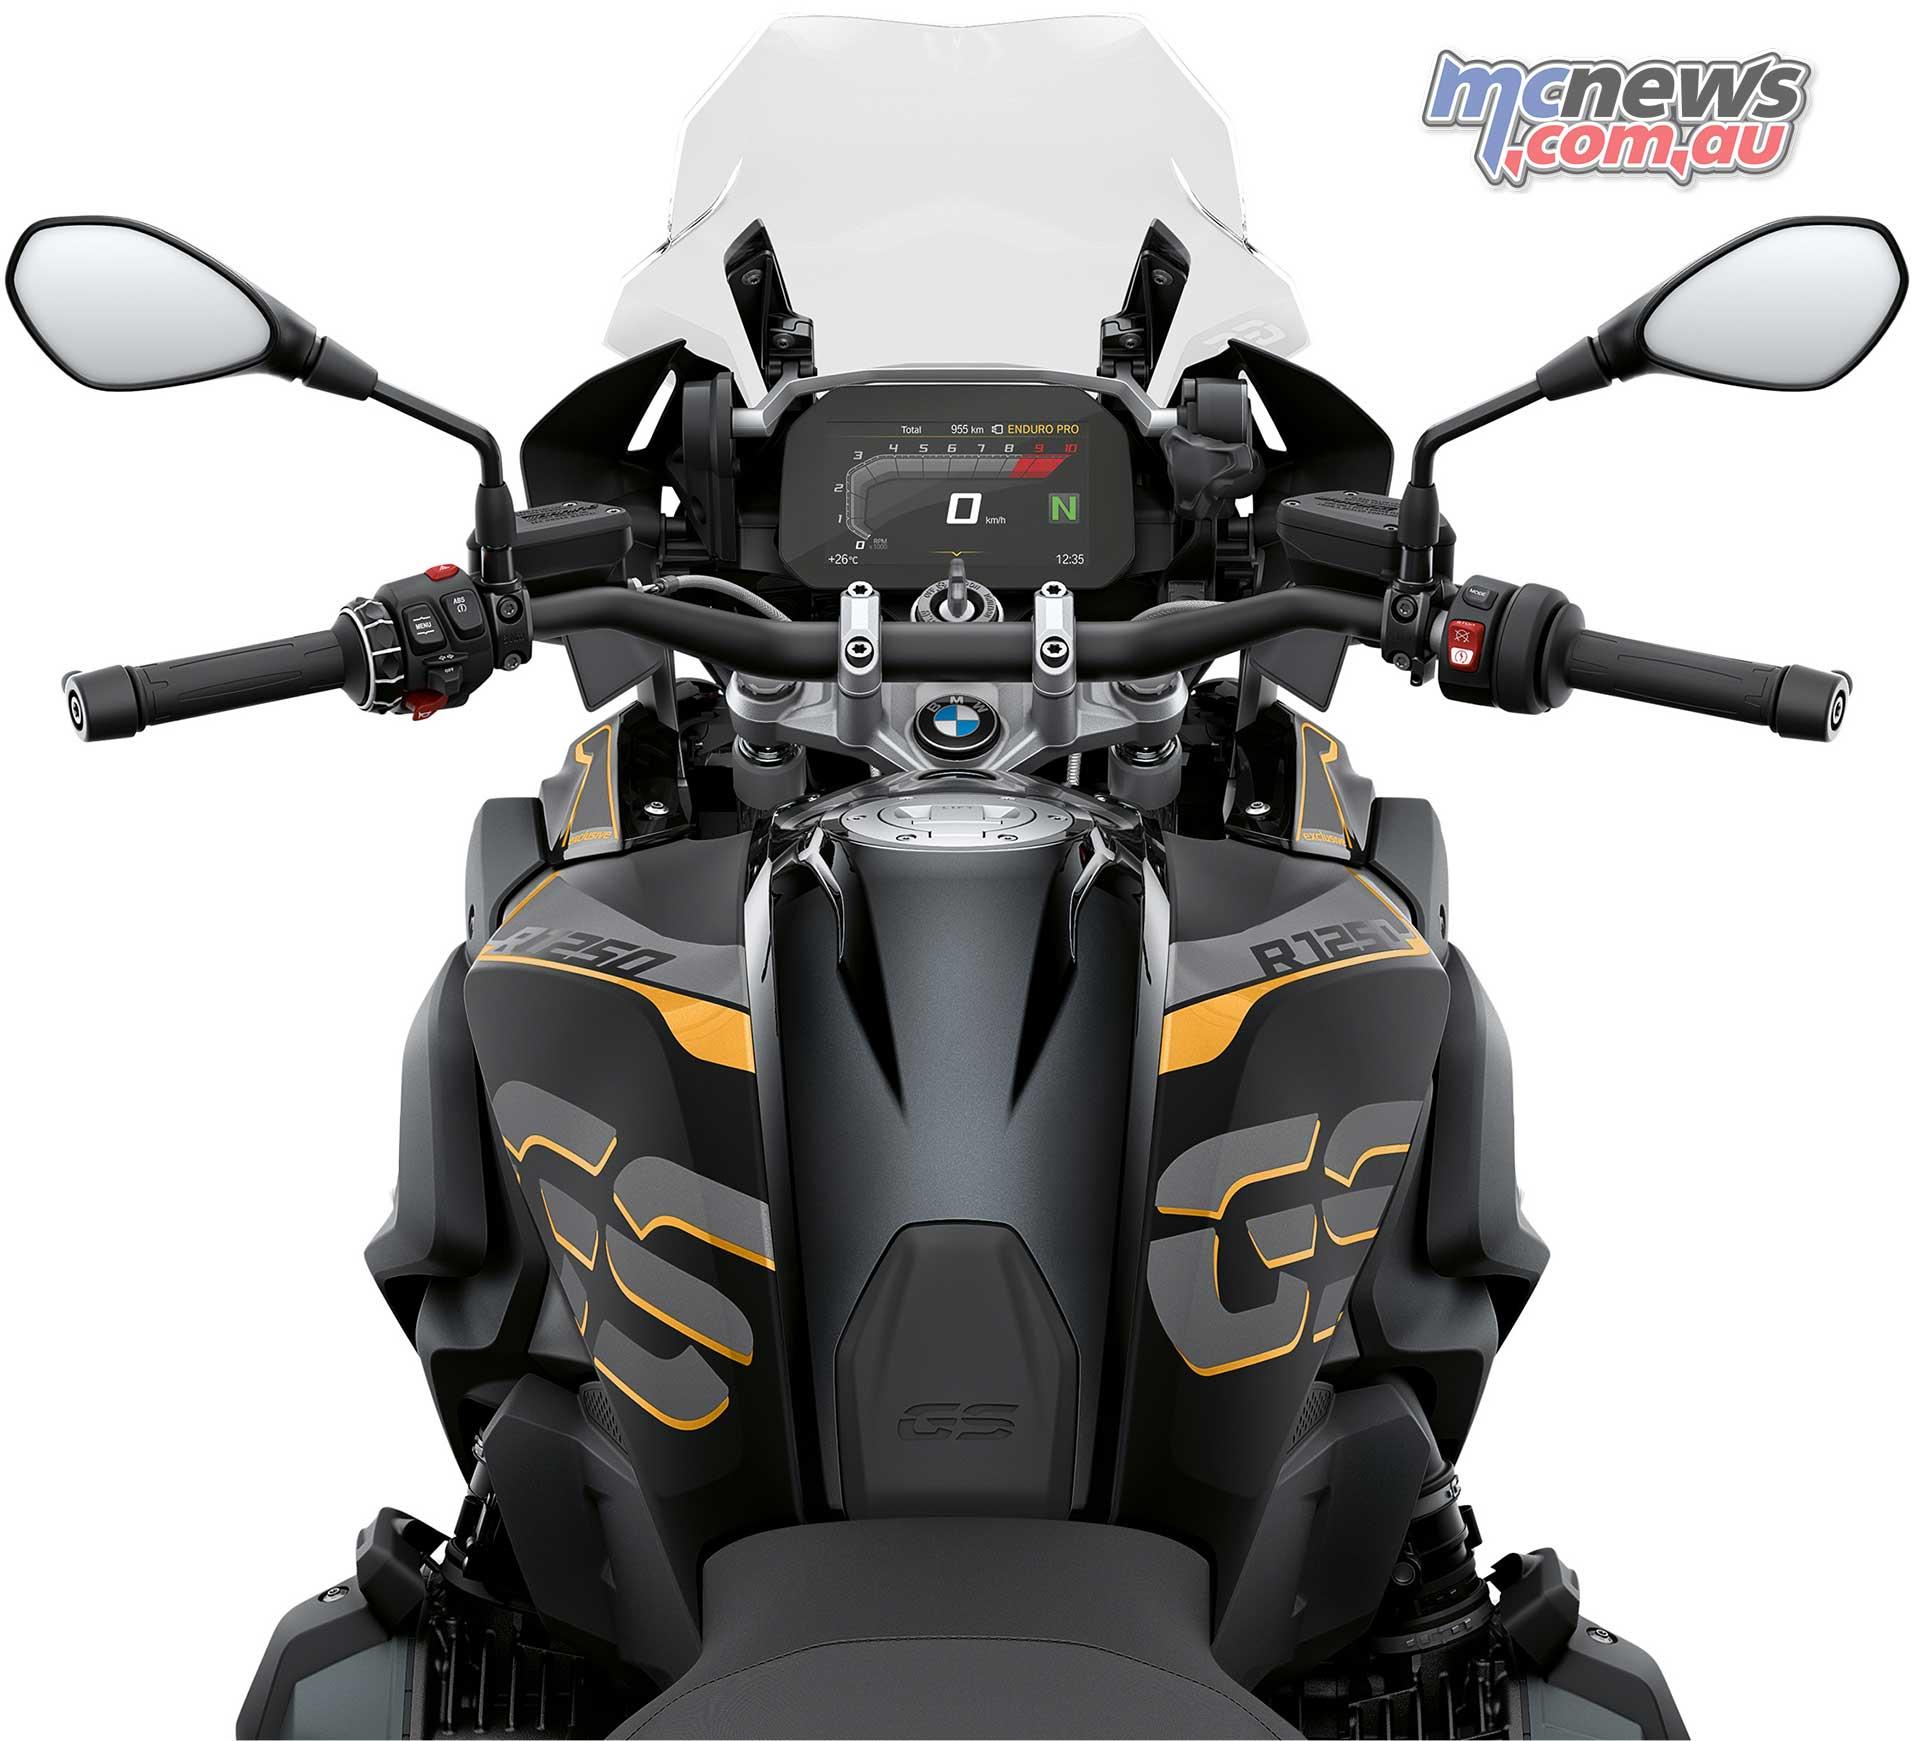 2019 Bmw R 1250 Gs More Grunt And More Tech Mcnews Com Au